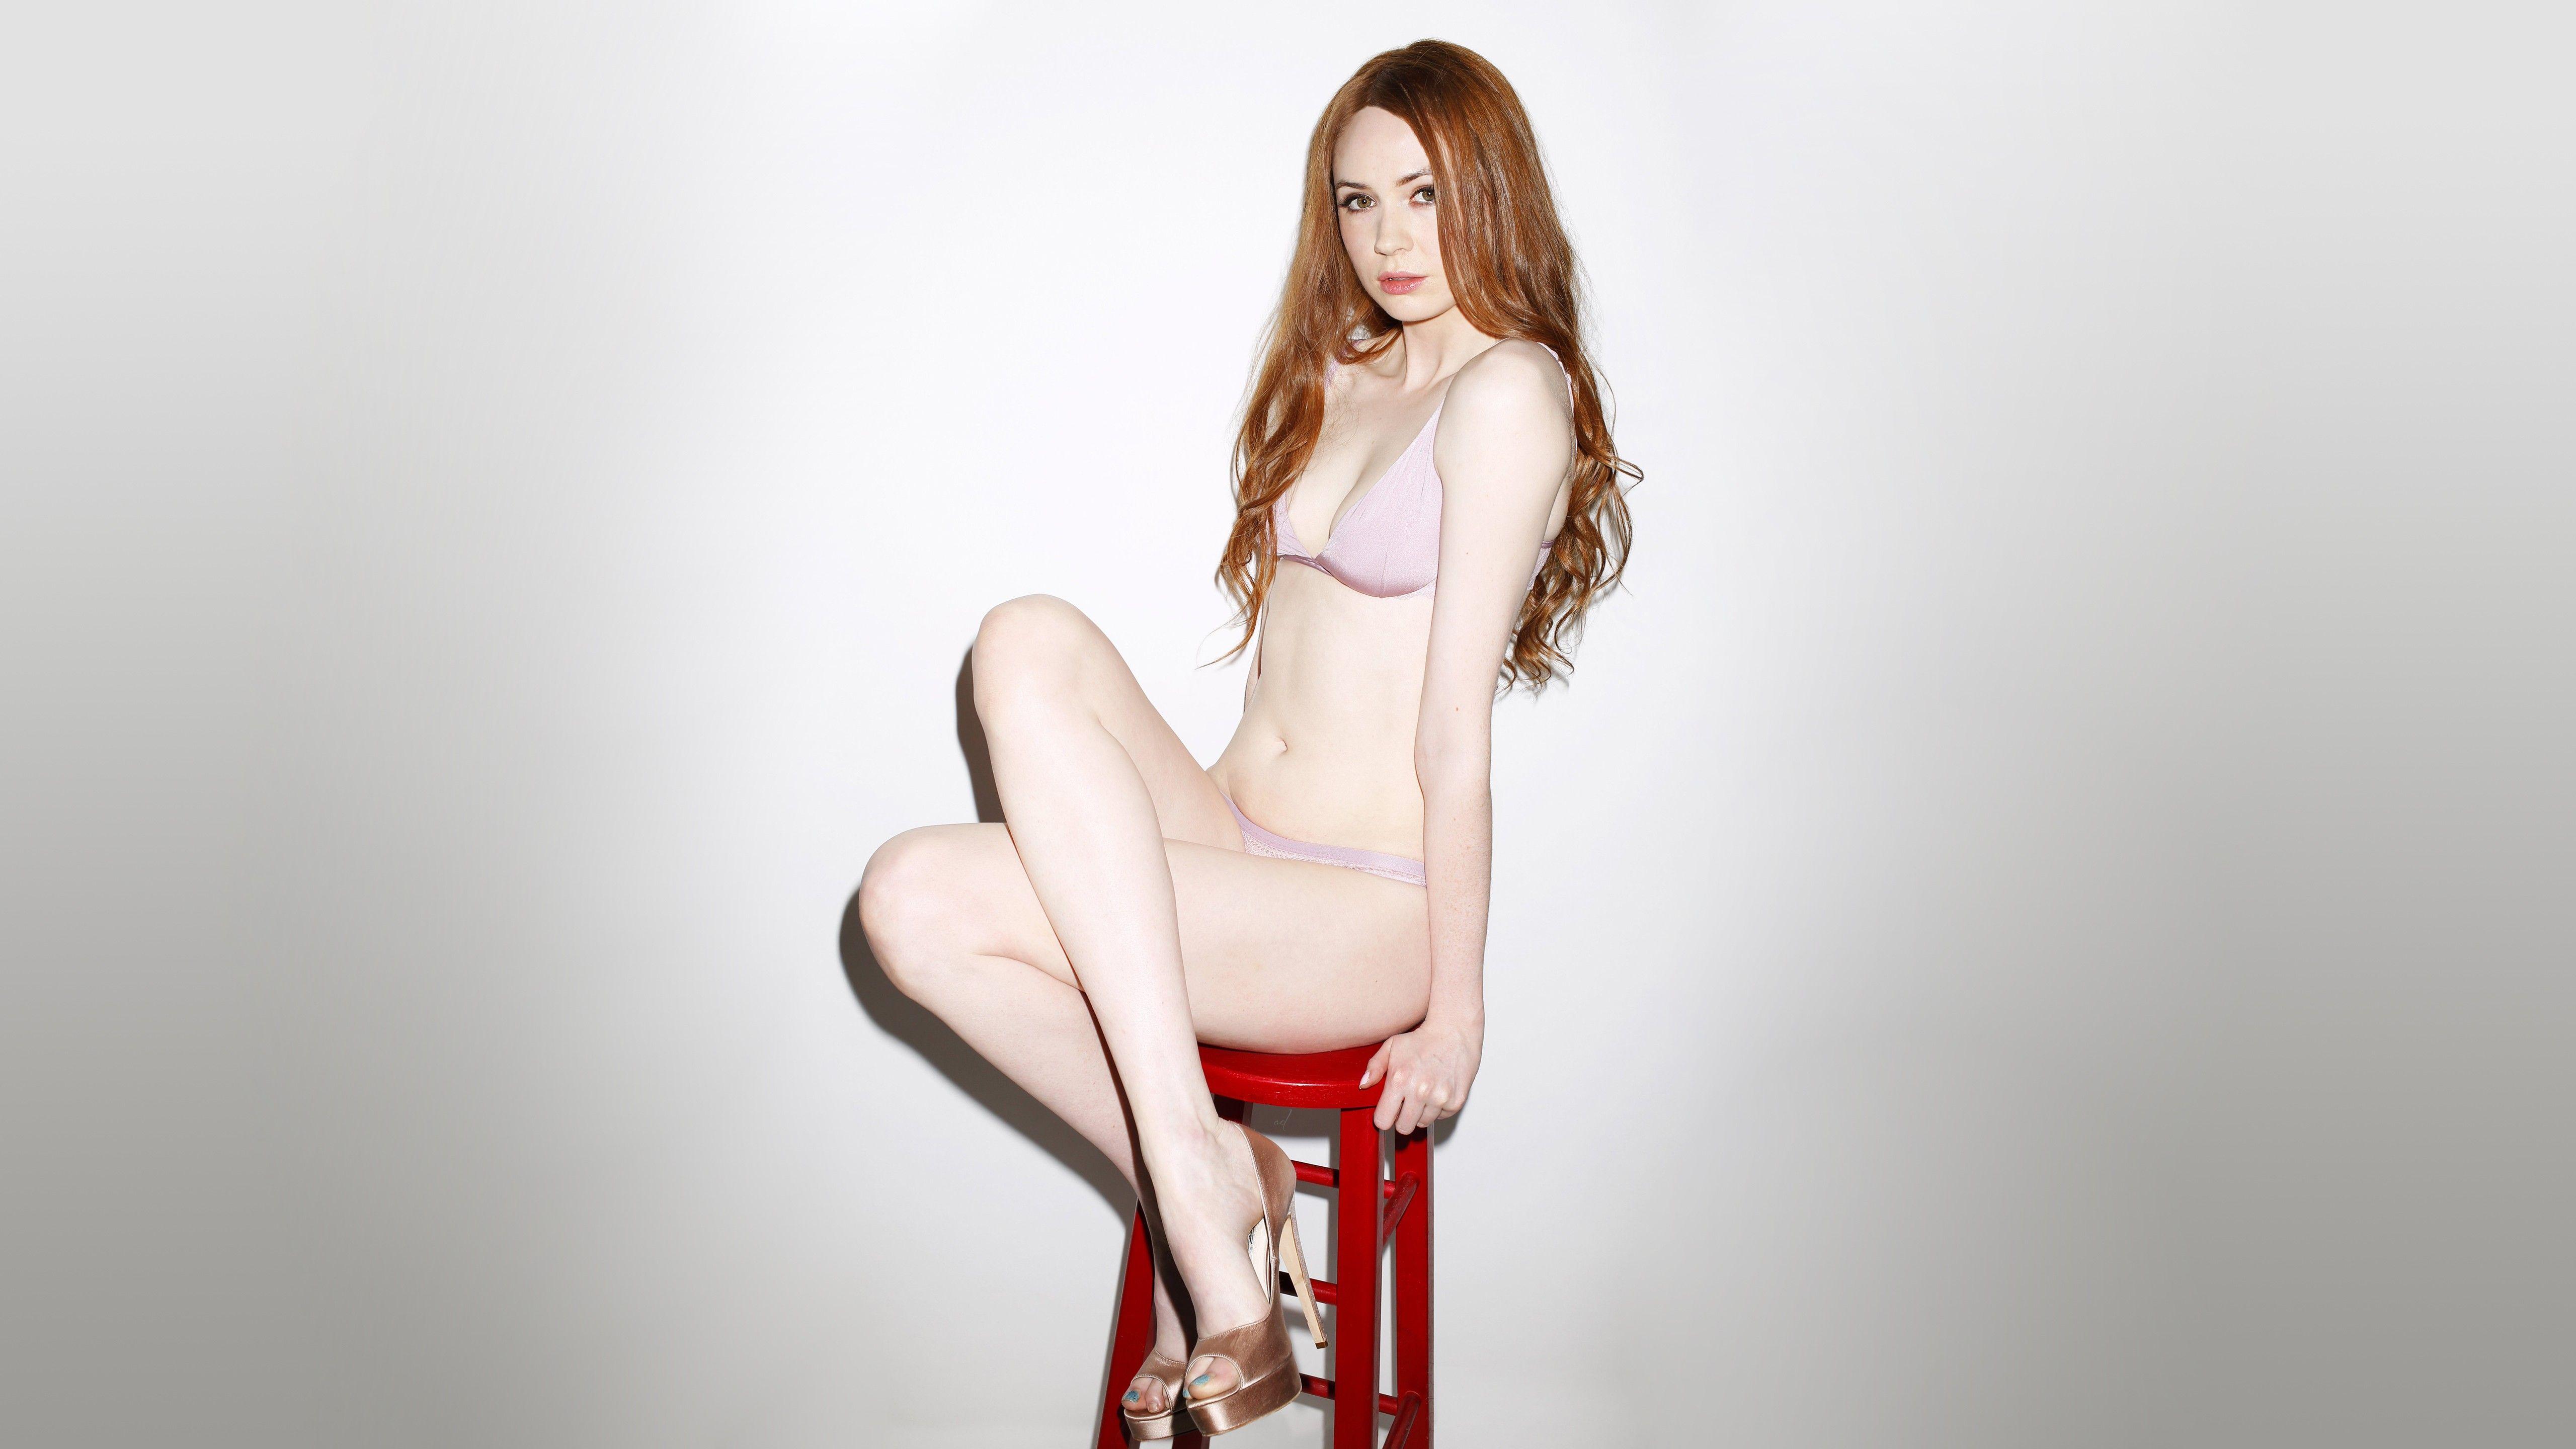 Redhead high heels